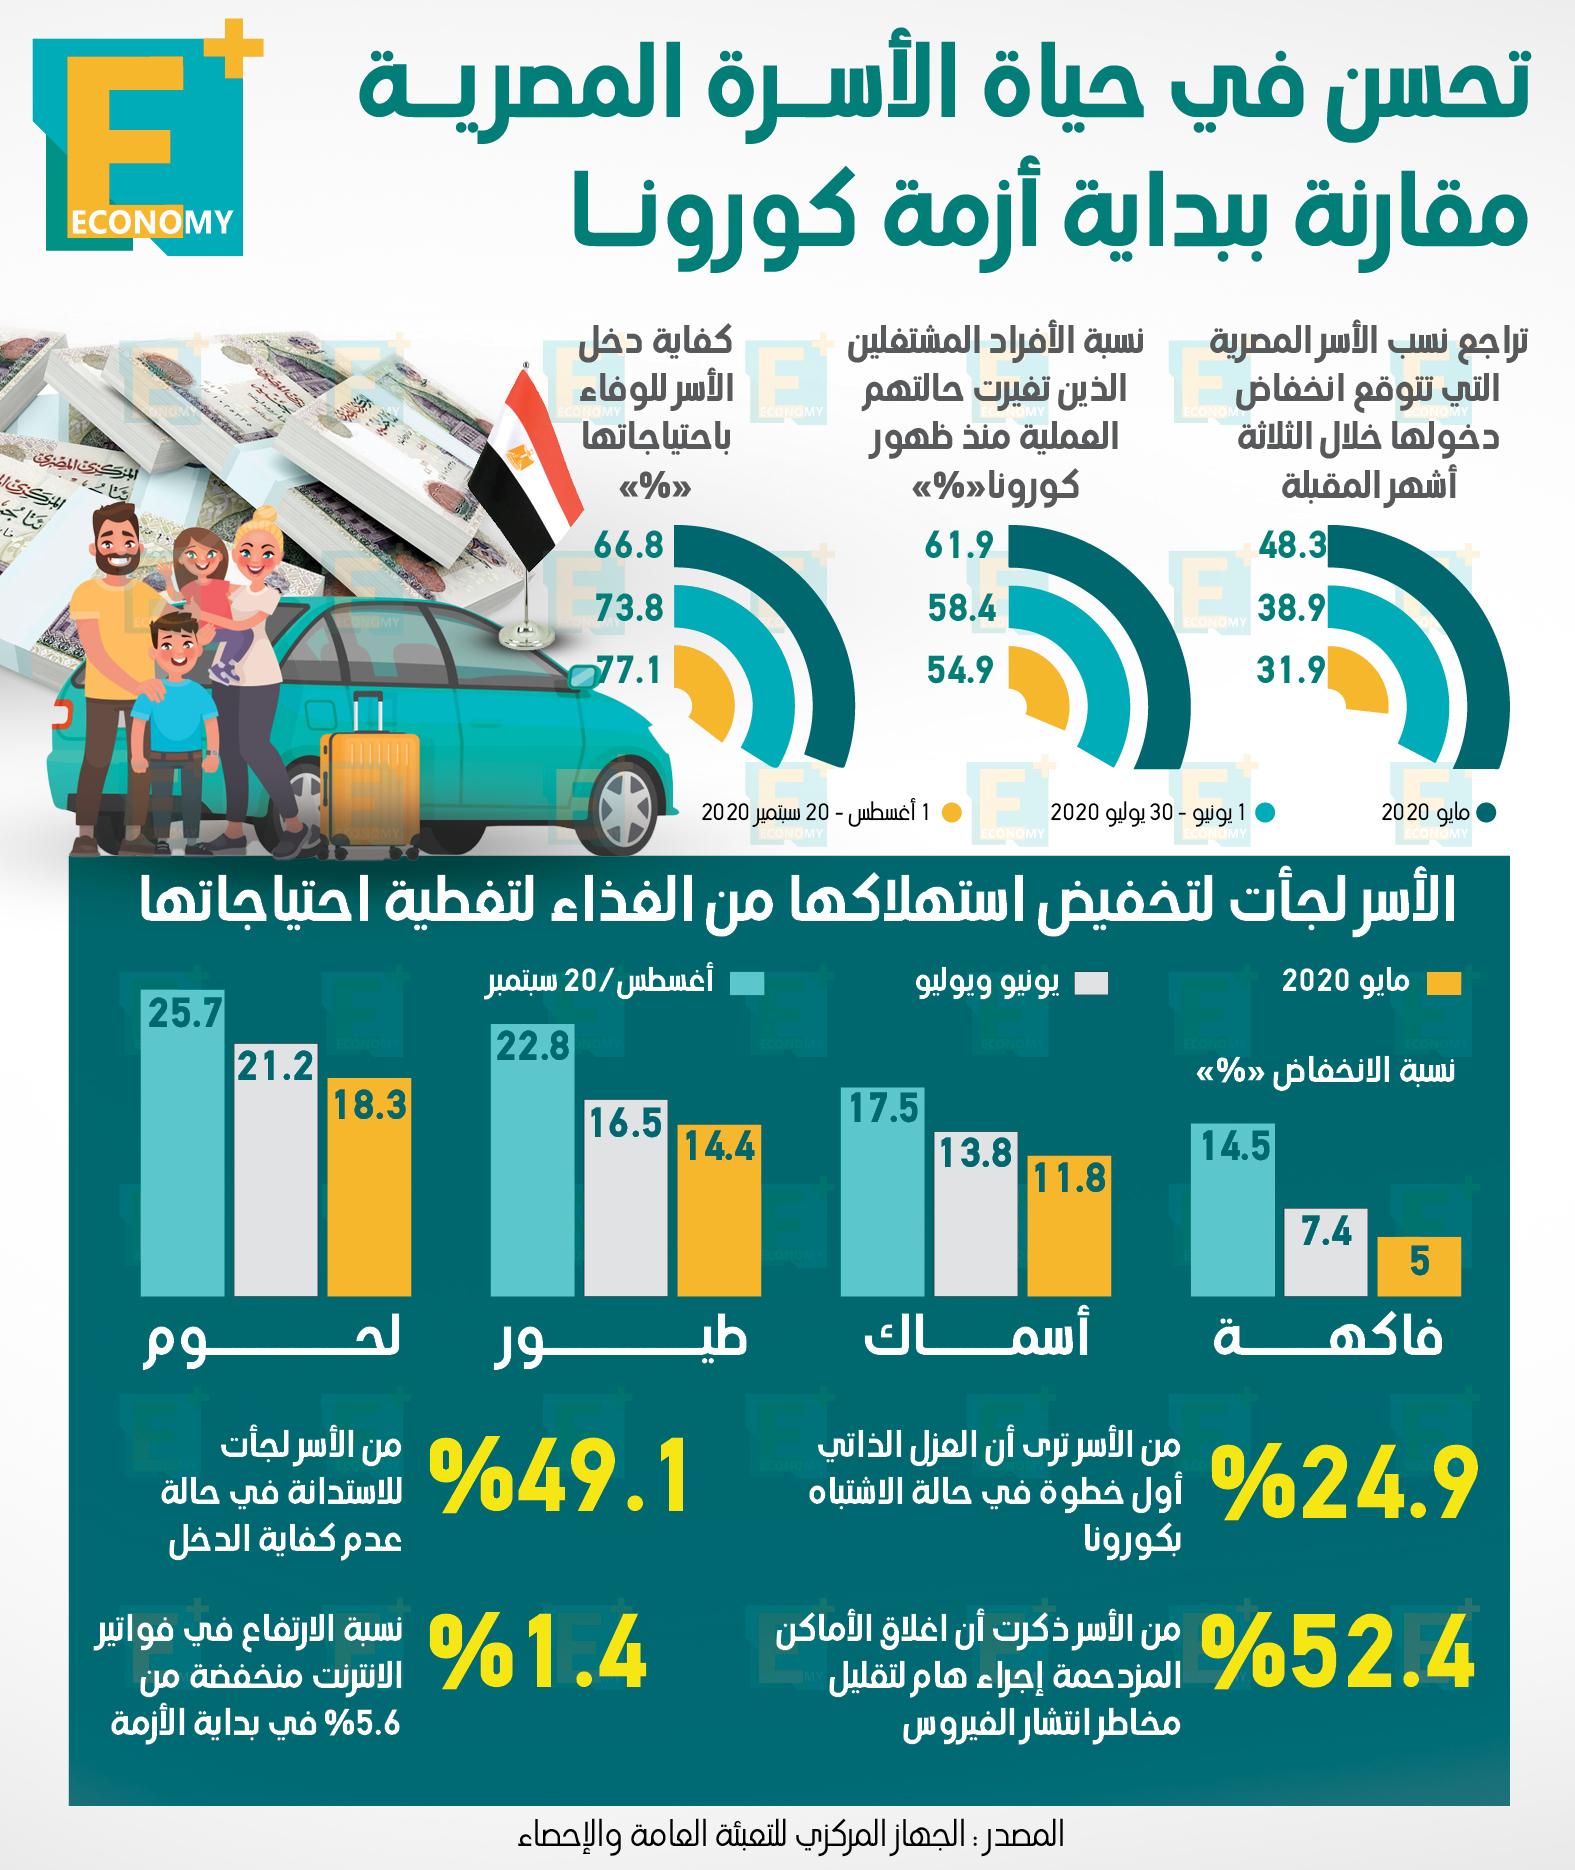 تحسن في حياة الأسرة المصرية مقارنة ببداية أزمة كورونا